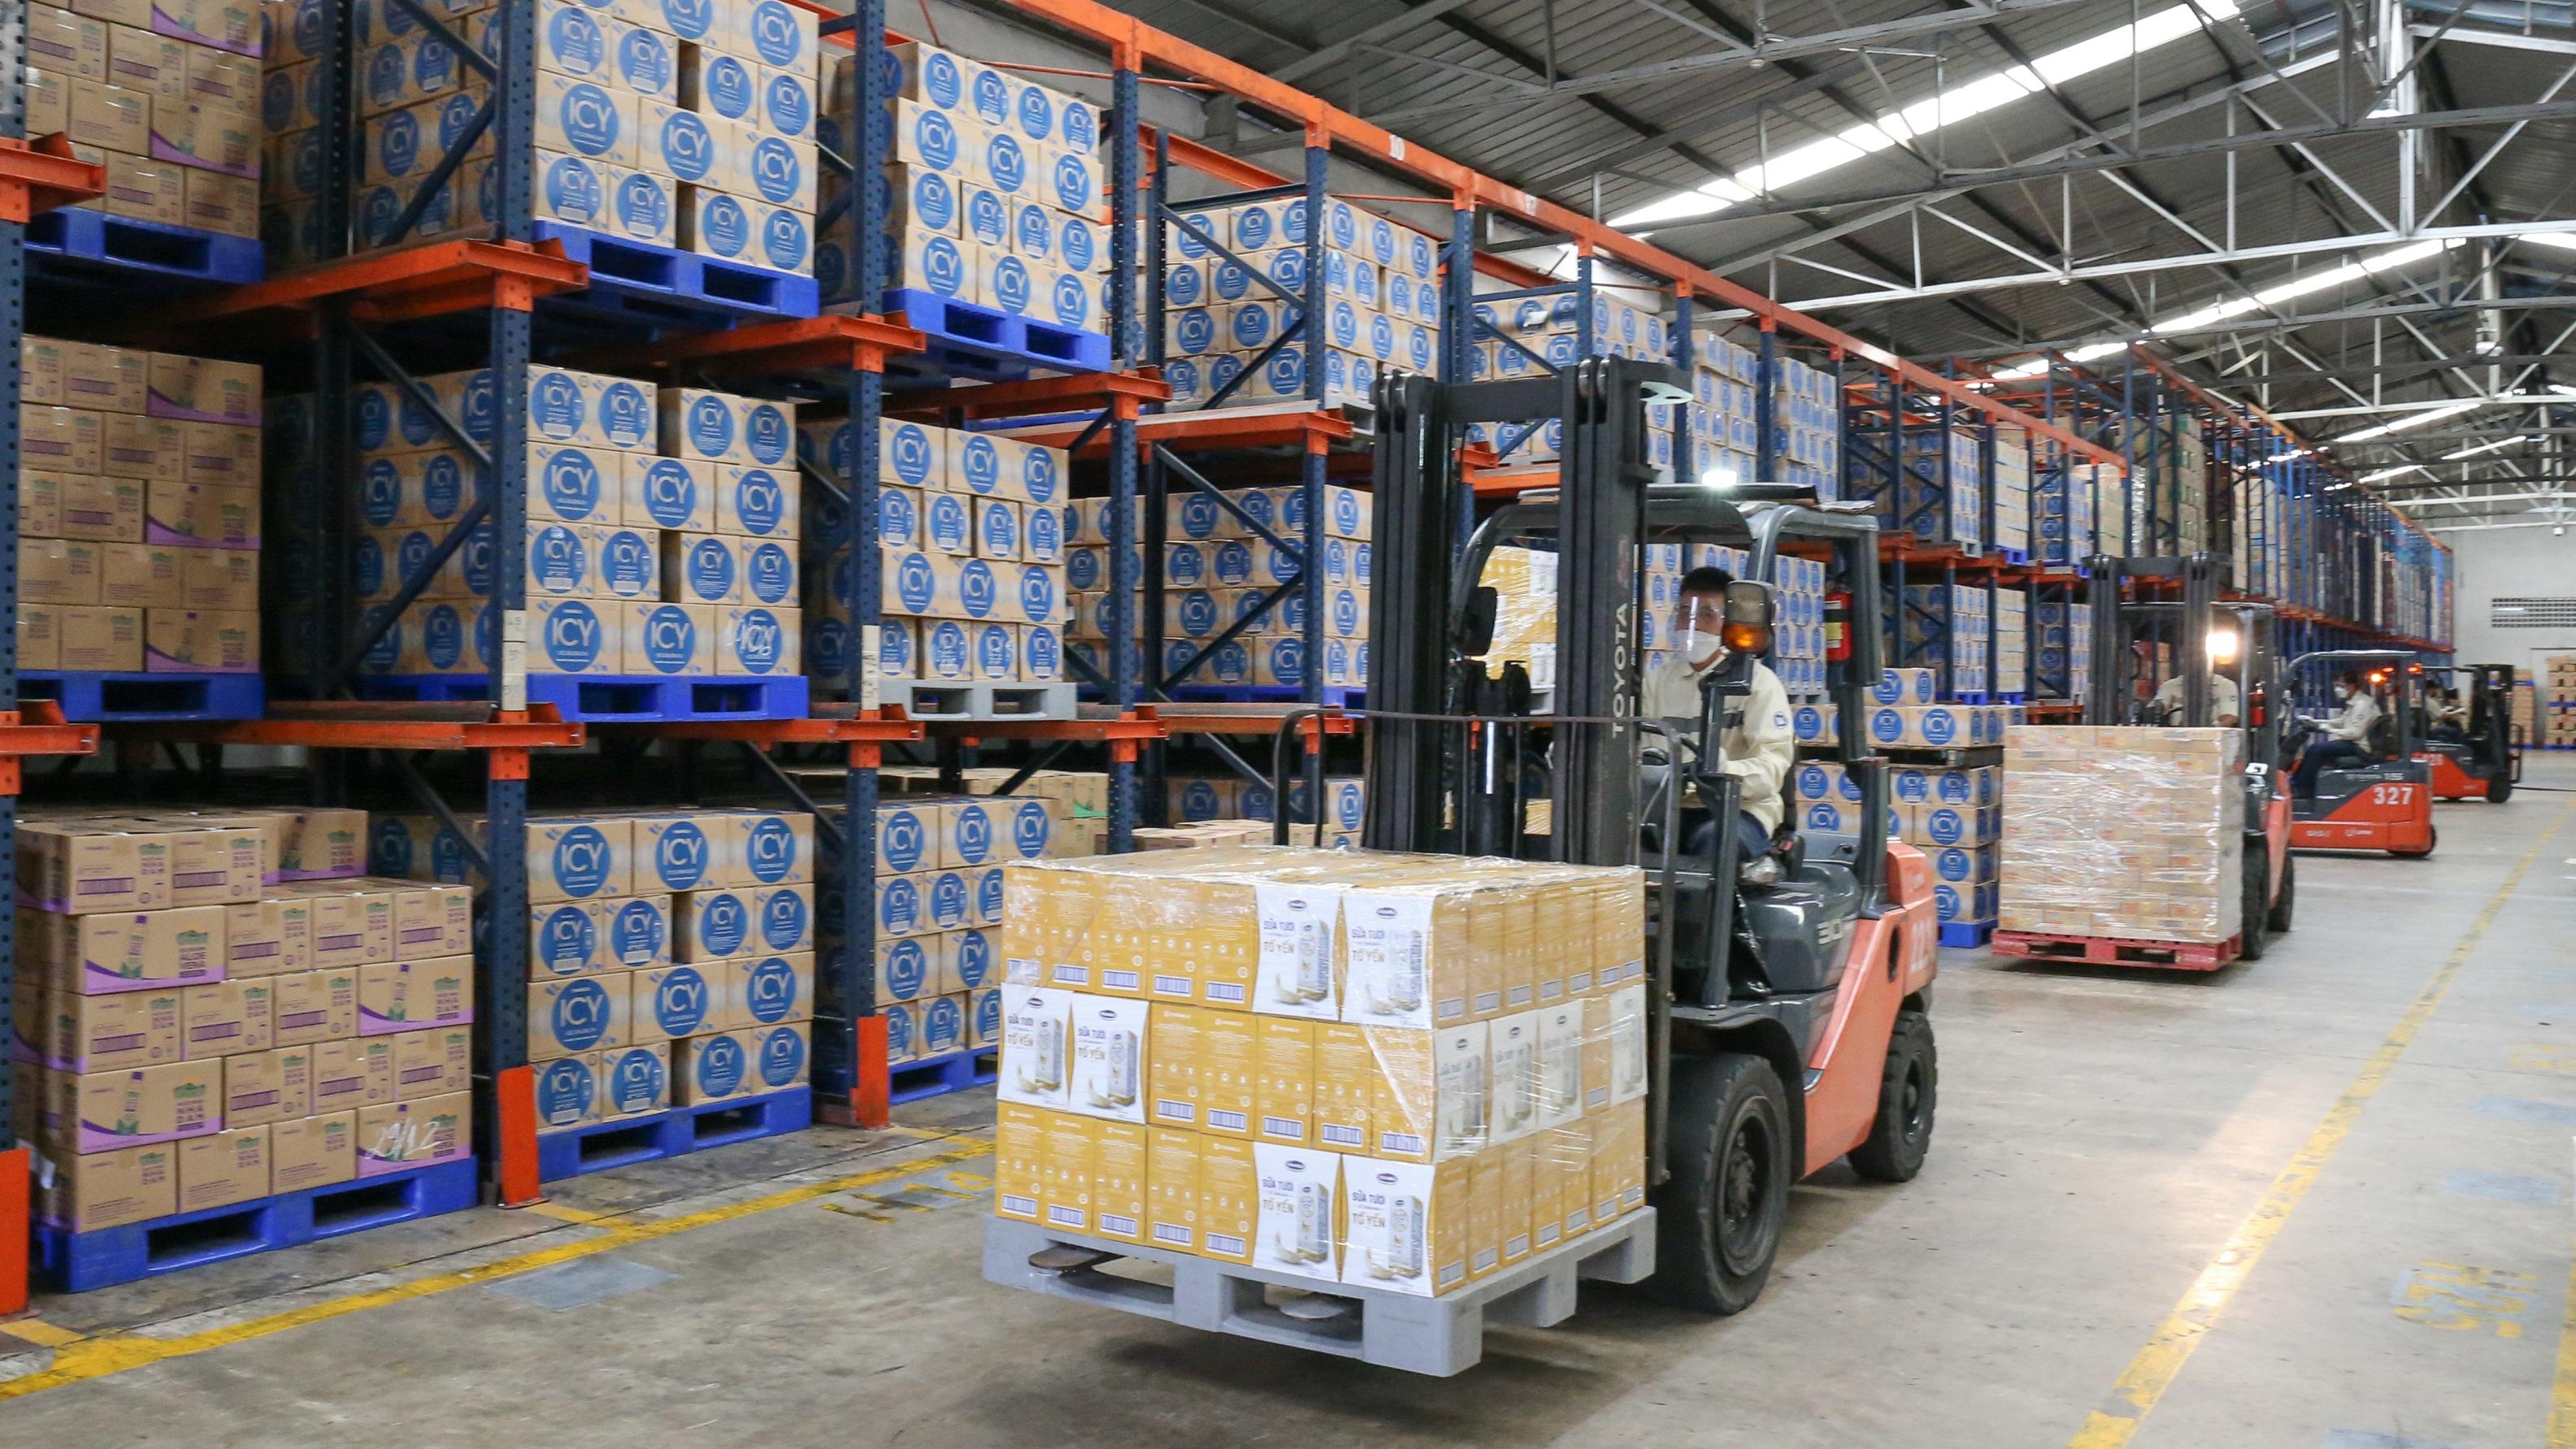 Hoạt động cung ứng hàng hóa được Vinamilk duy trì trong điều kiện giãn cách, đảm bảo sản phẩm dinh dưỡng đến với người dân